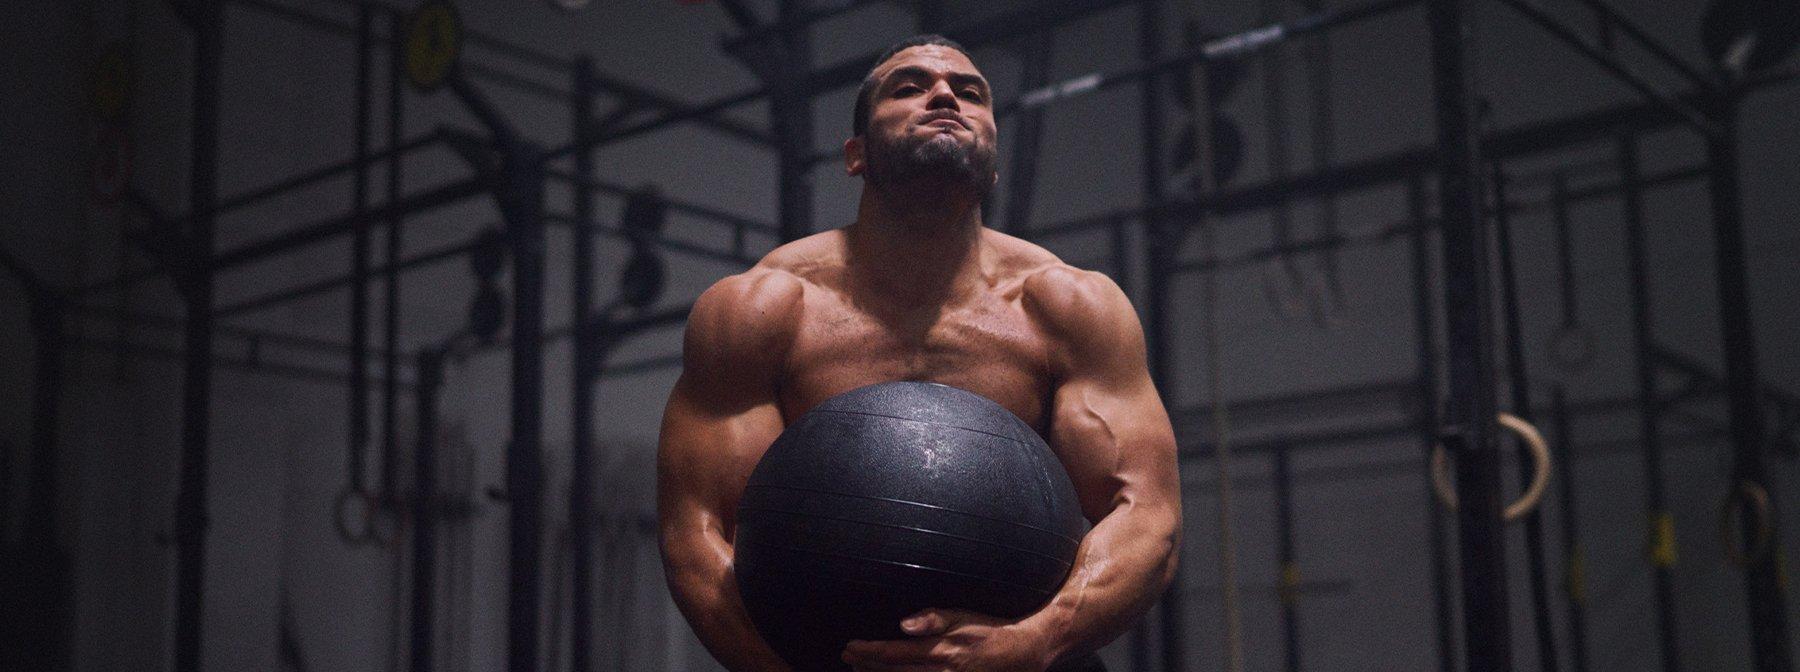 Zack George darüber, wieso es so wichtig ist, dass sich die Fitness Community gegen Rassismus zusammenschließt